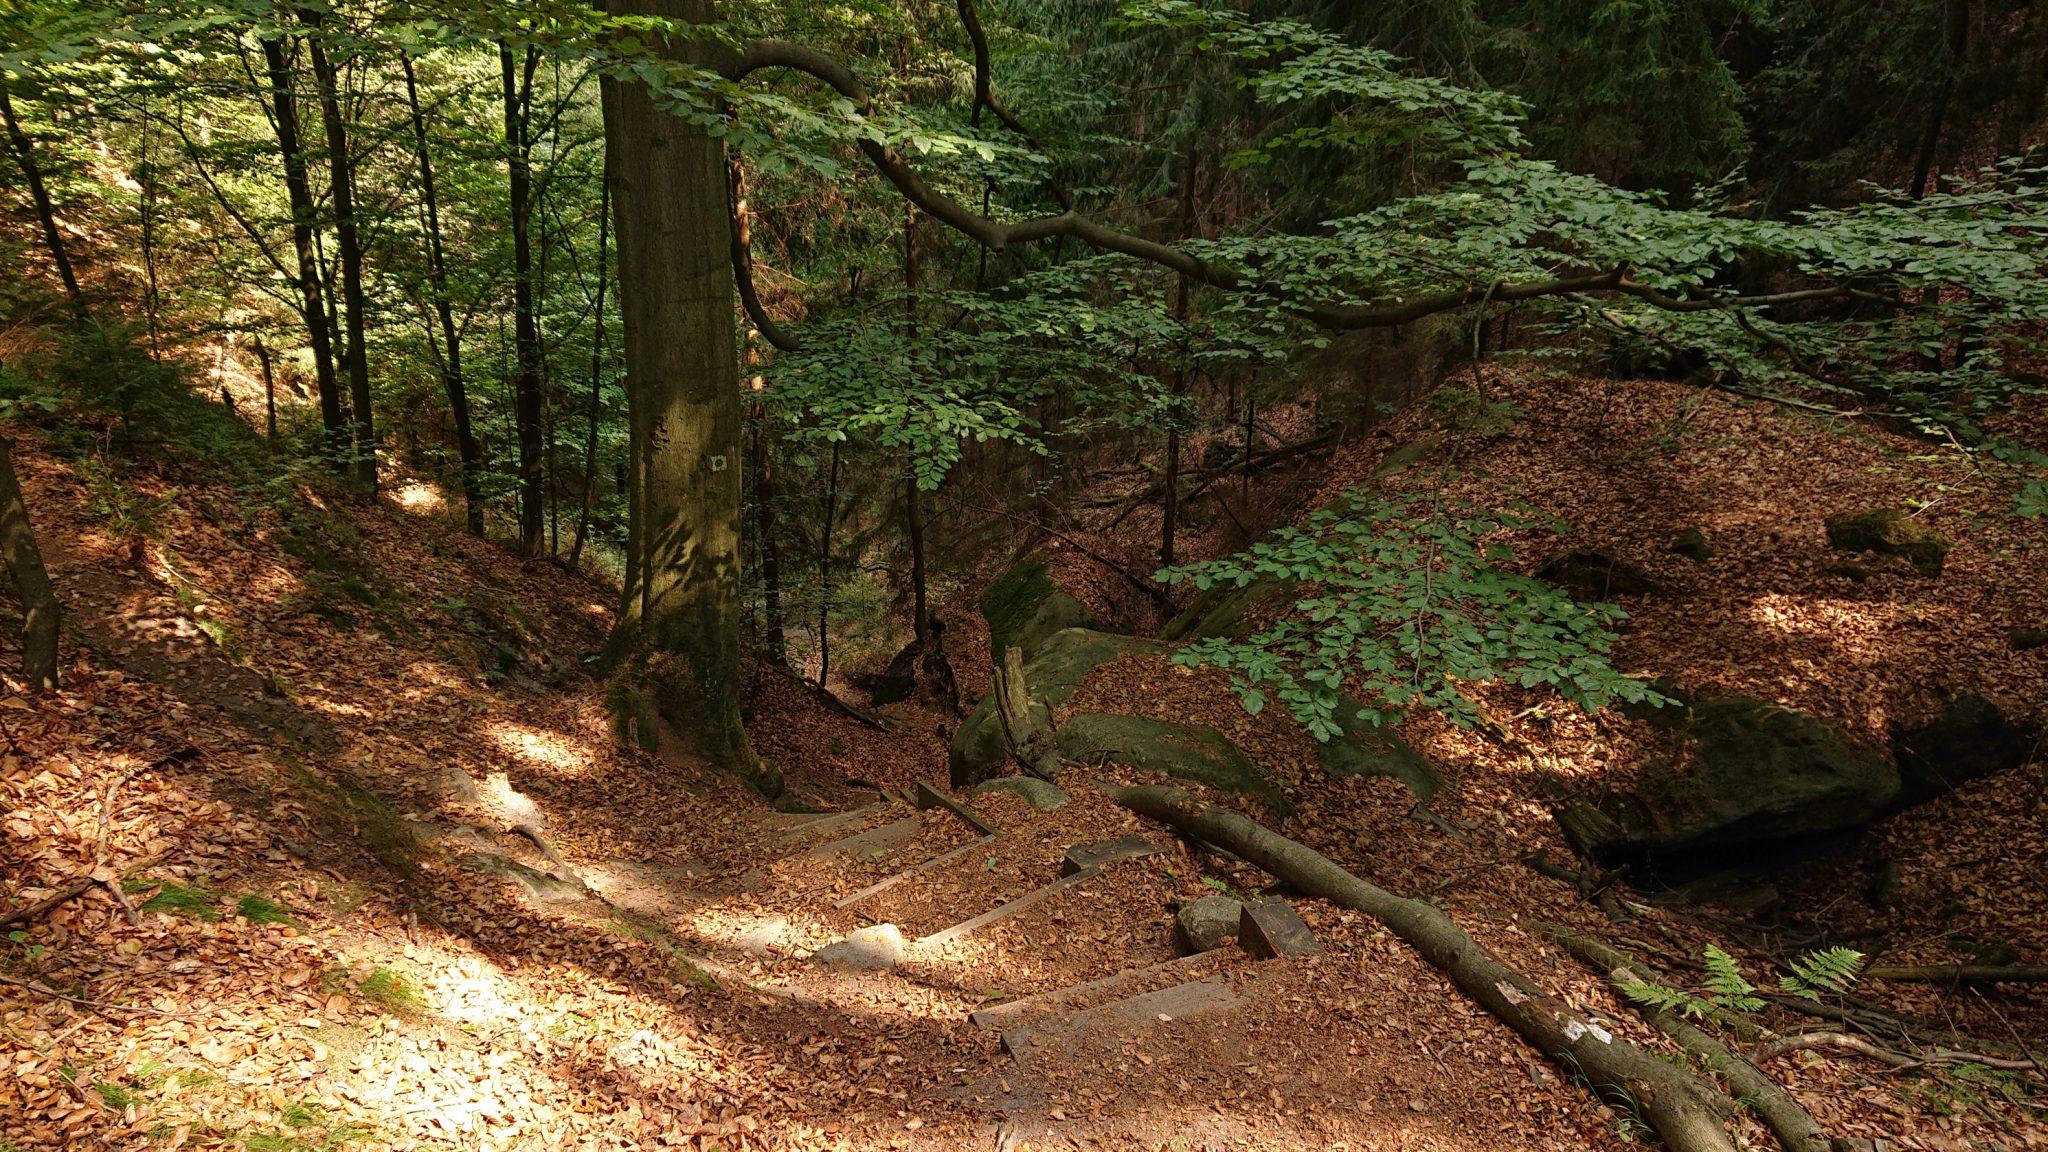 Zeughaus Roß- und Goldsteig Richterschlüchte im Kirnitzschtal wandern, Wanderweg im Wanderparadies Sächsische Schweiz mit vielen tollen Aussichten, riesiger Felsennationalpark, Treppenstufen oftmals zu finden